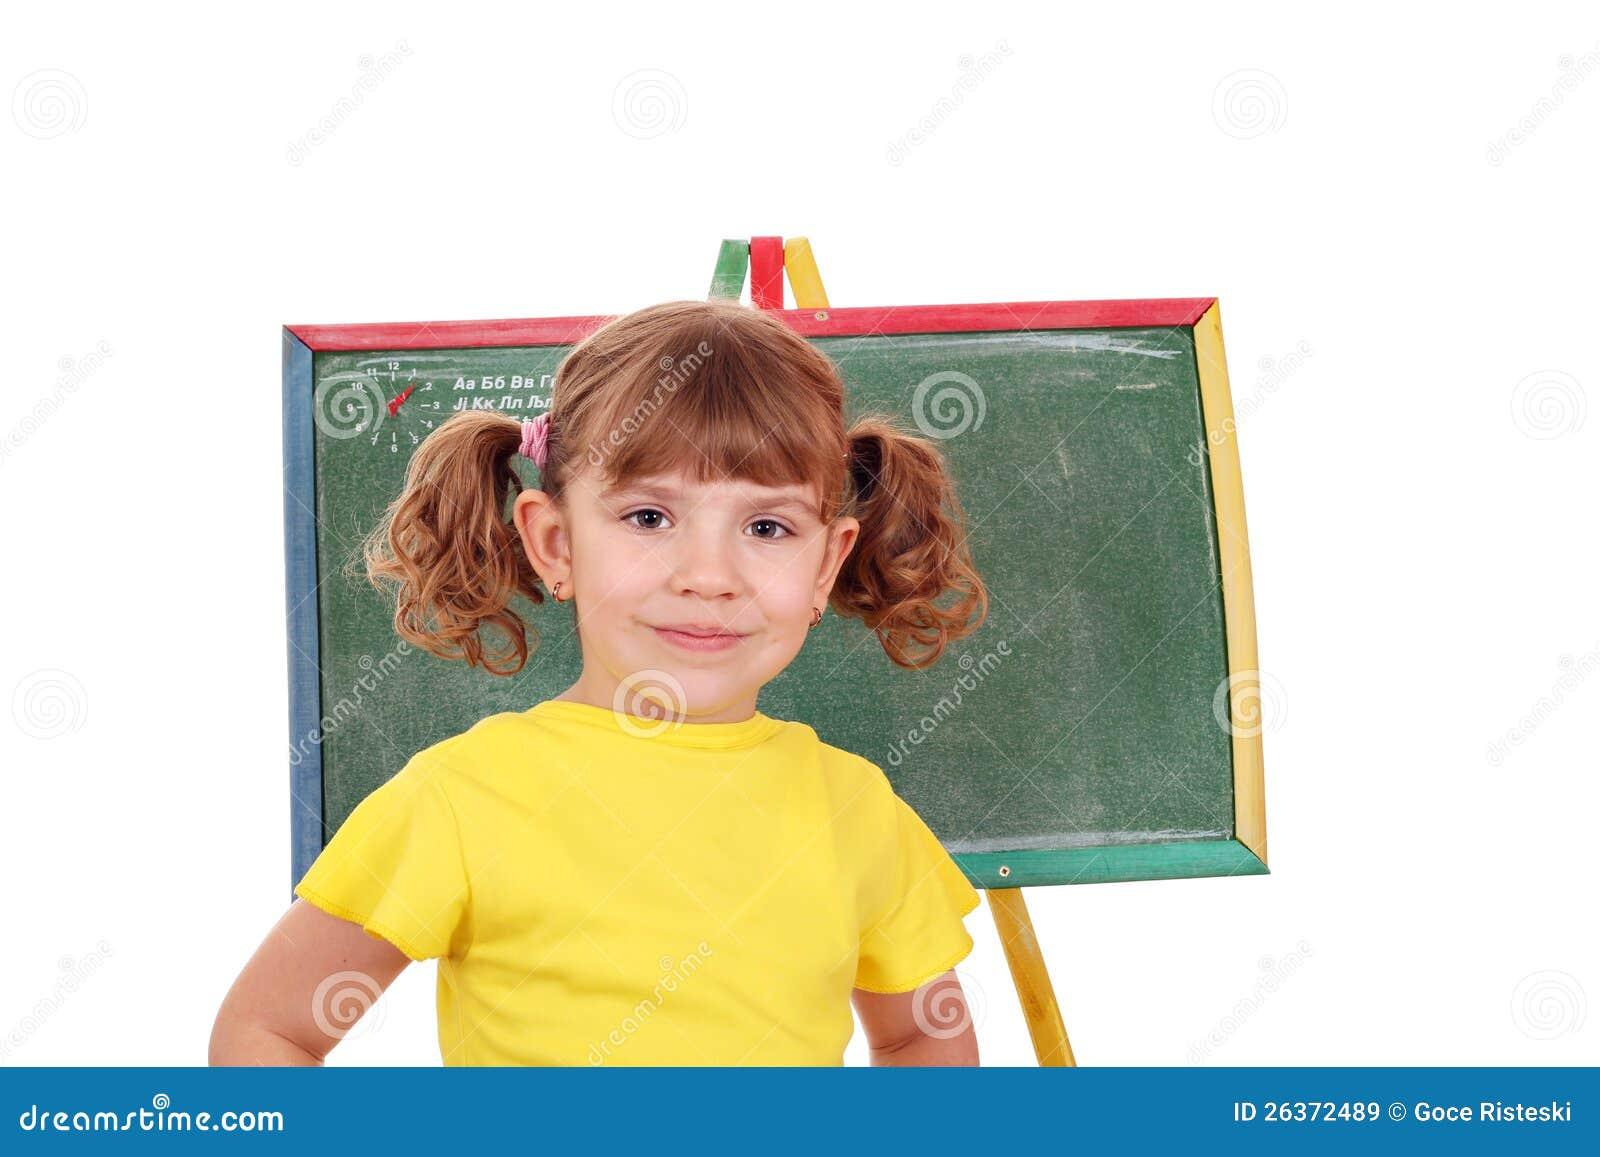 Kleines Mädchen vor einem Reißbreit